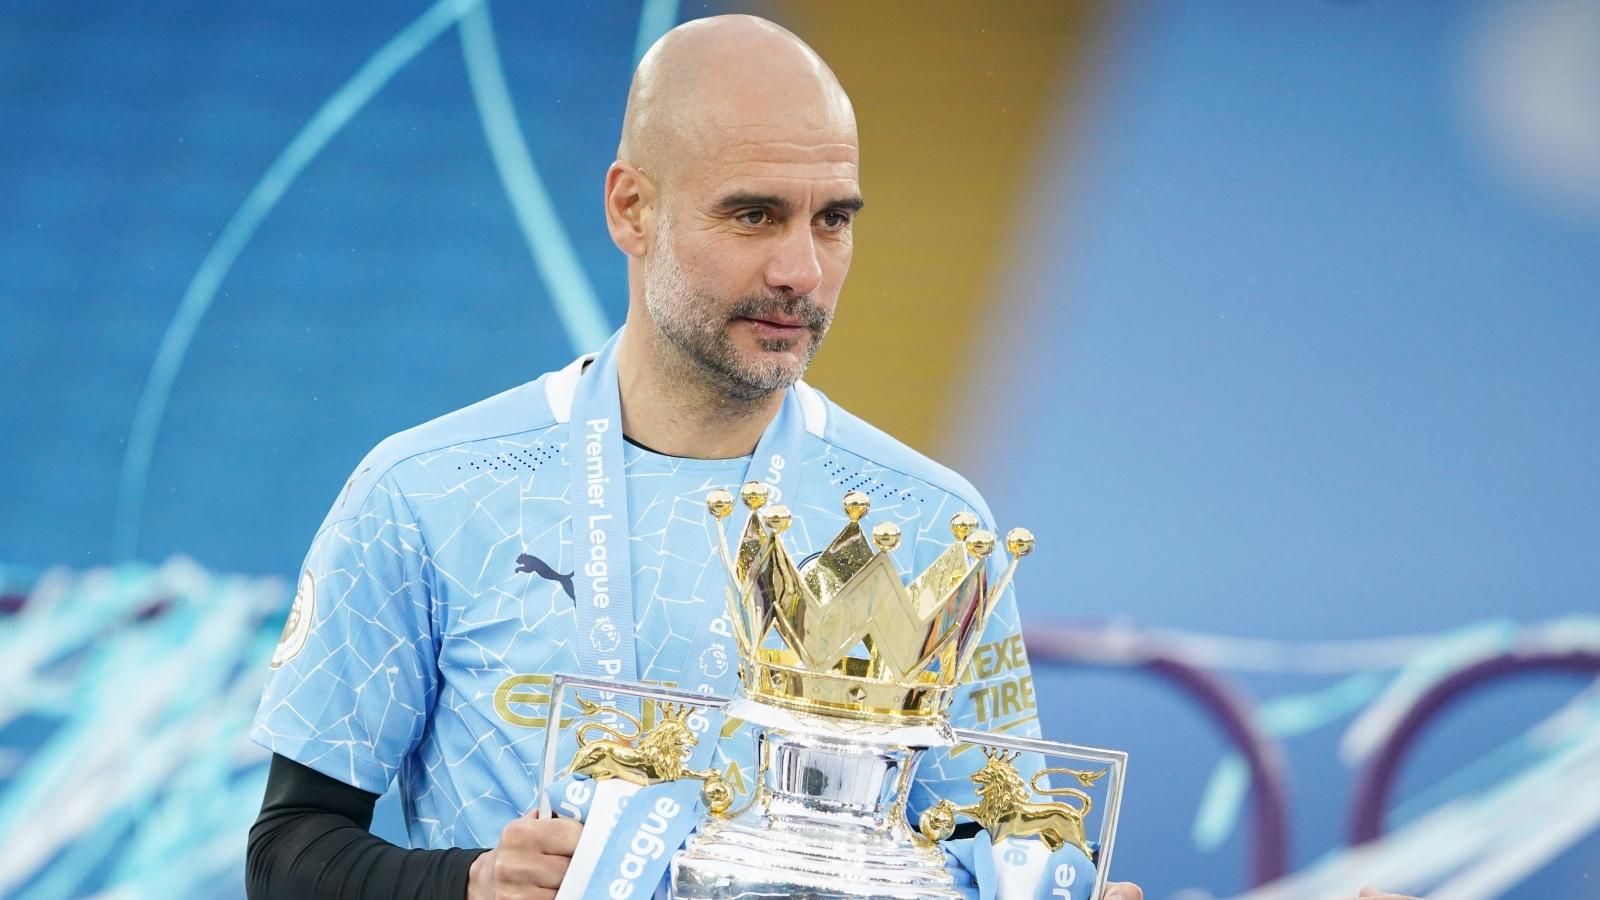 HLV Pep Guardiola được vinh danh trước trận chung kết Champions League